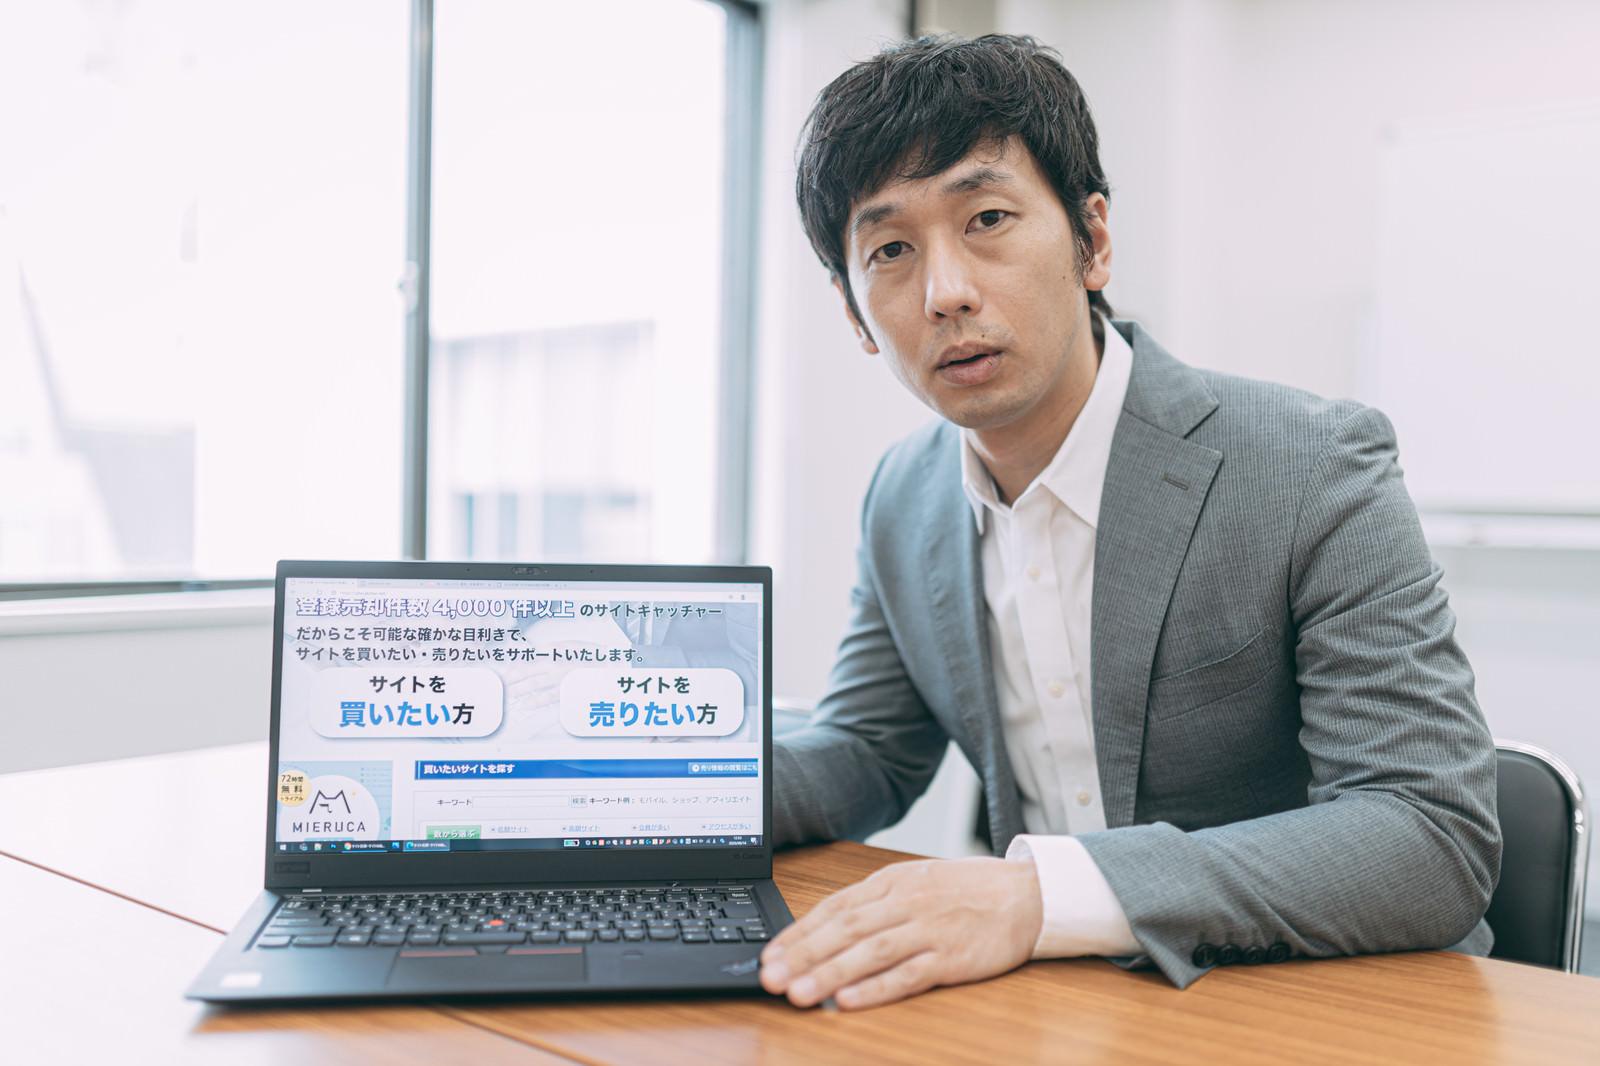 「サイト売買を提案する副業エージェント」の写真[モデル:大川竜弥]